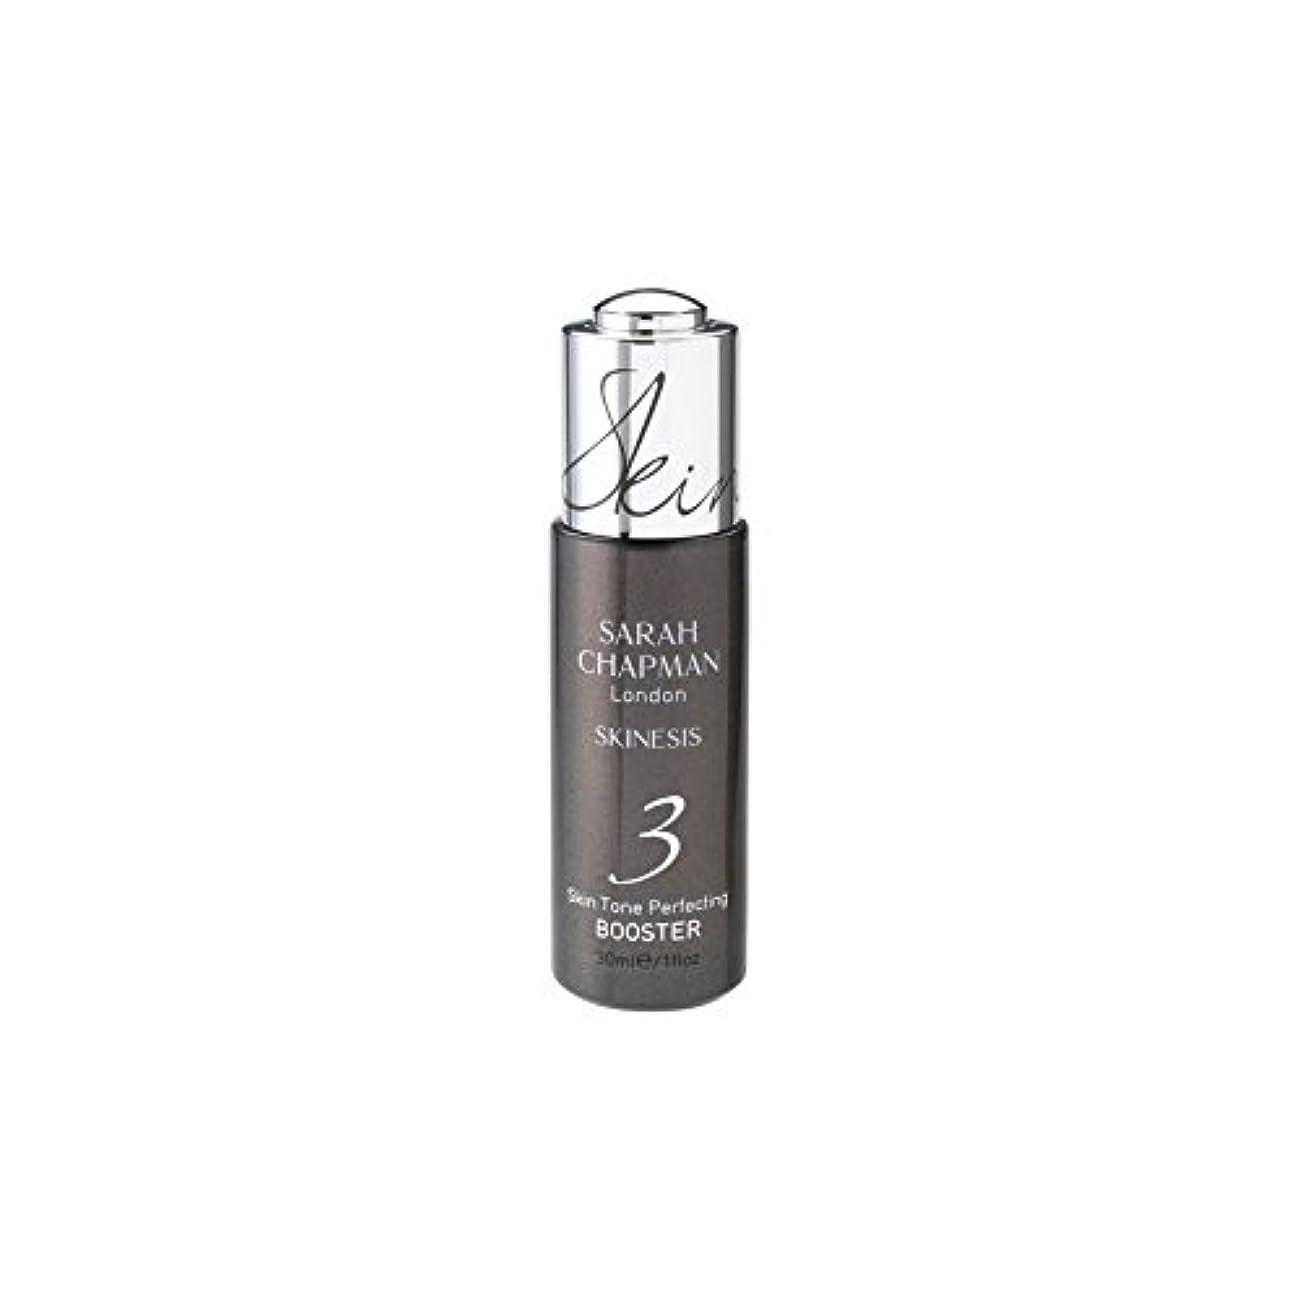 フルーツカスタムピストンサラ?チャップマン肌色完成ブースター(30ミリリットル) x4 - Sarah Chapman Skinesis Skin Tone Perfecting Booster (30ml) (Pack of 4) [並行輸入品]